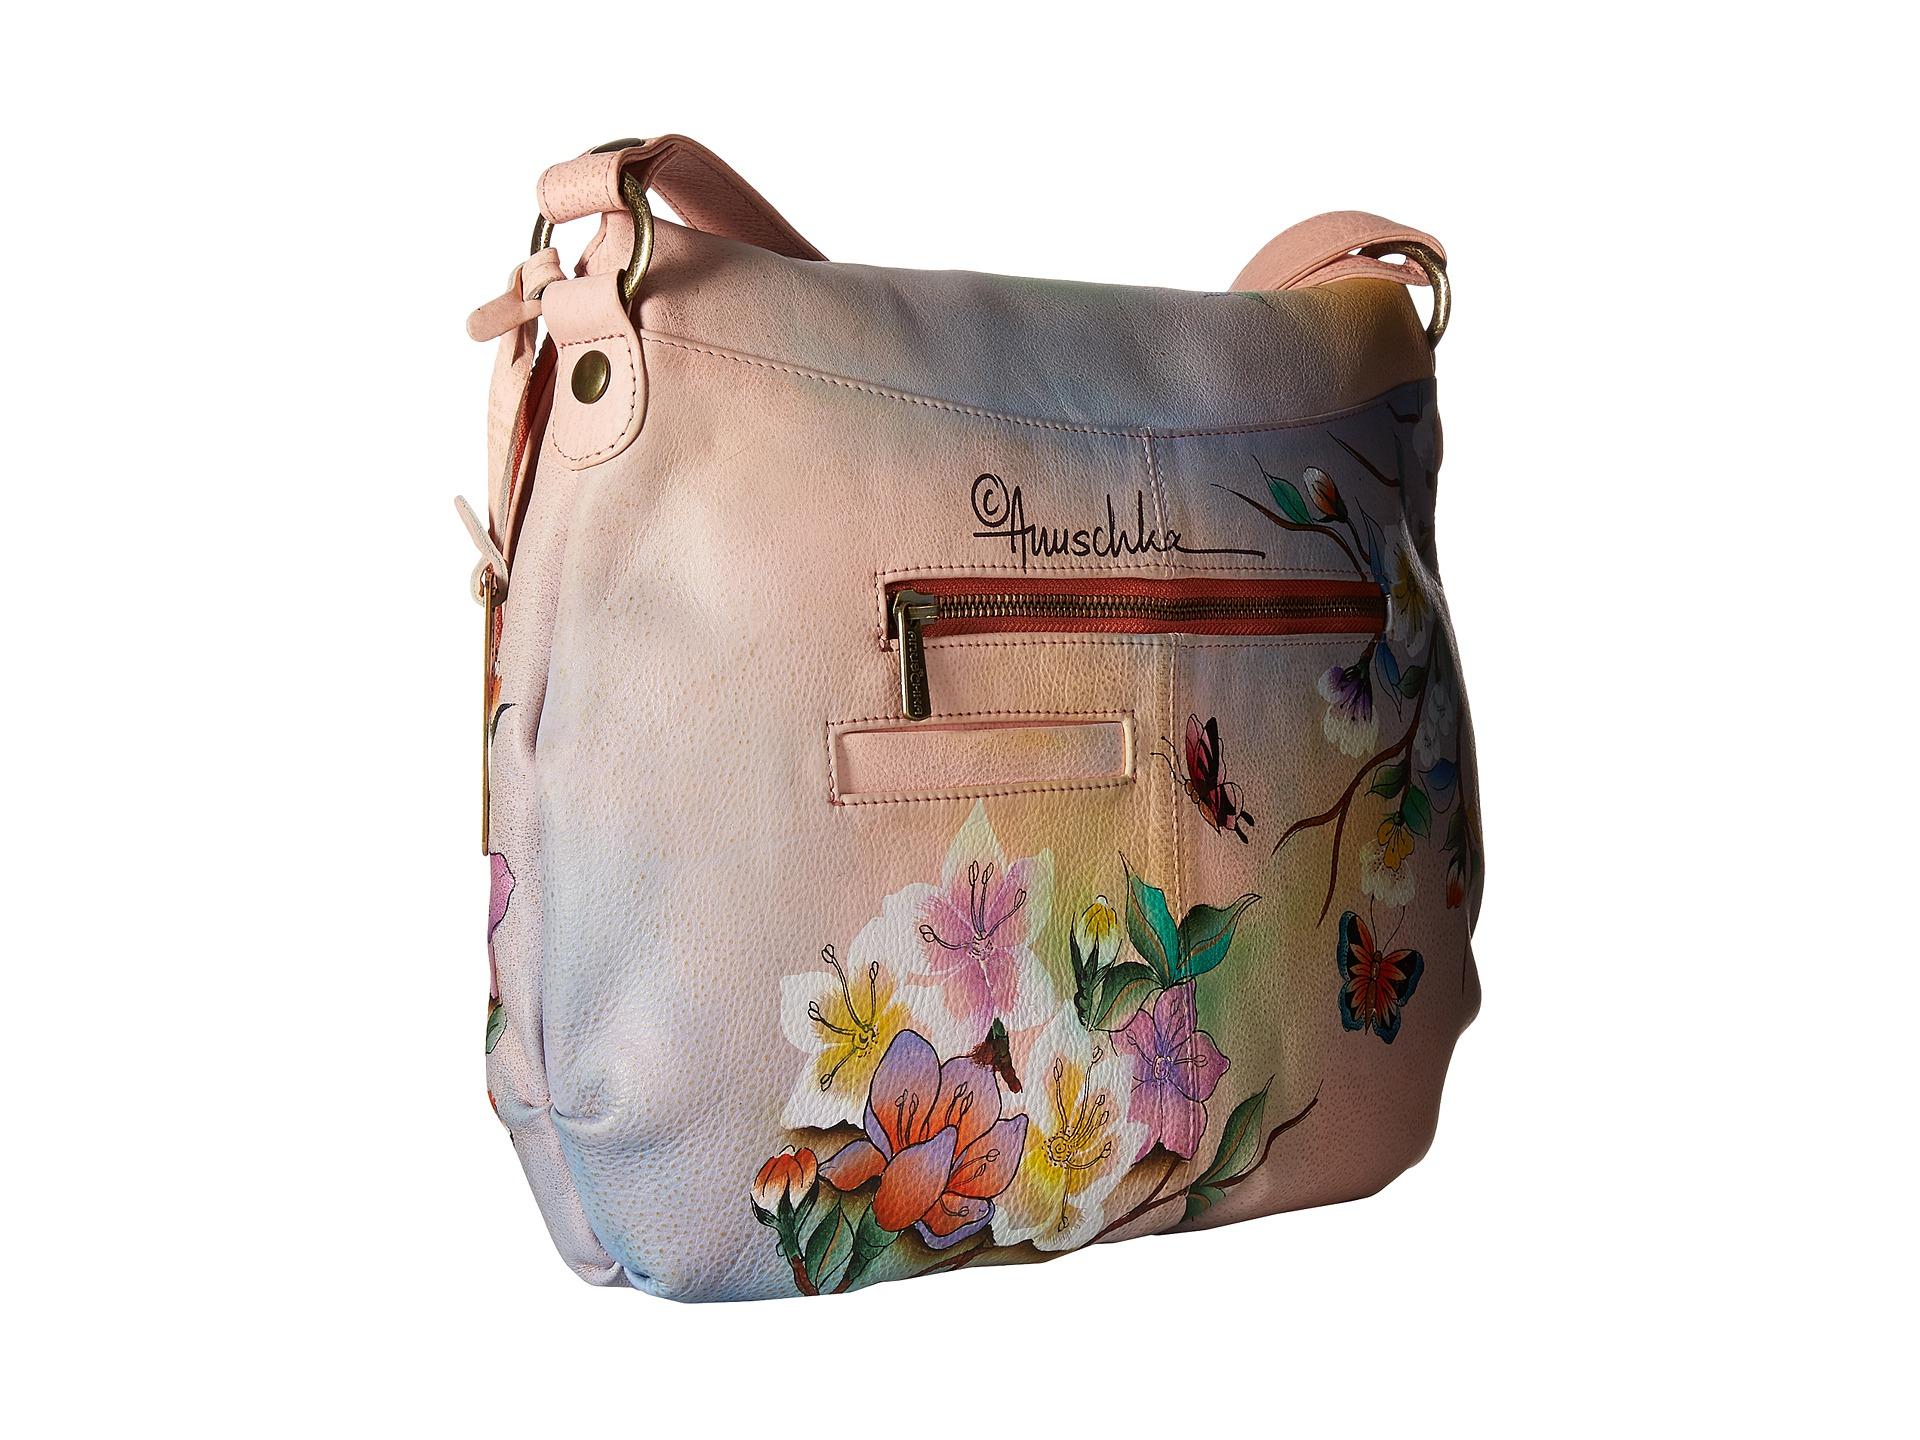 Chka Handbags Ebay Handbag Reviews 2018